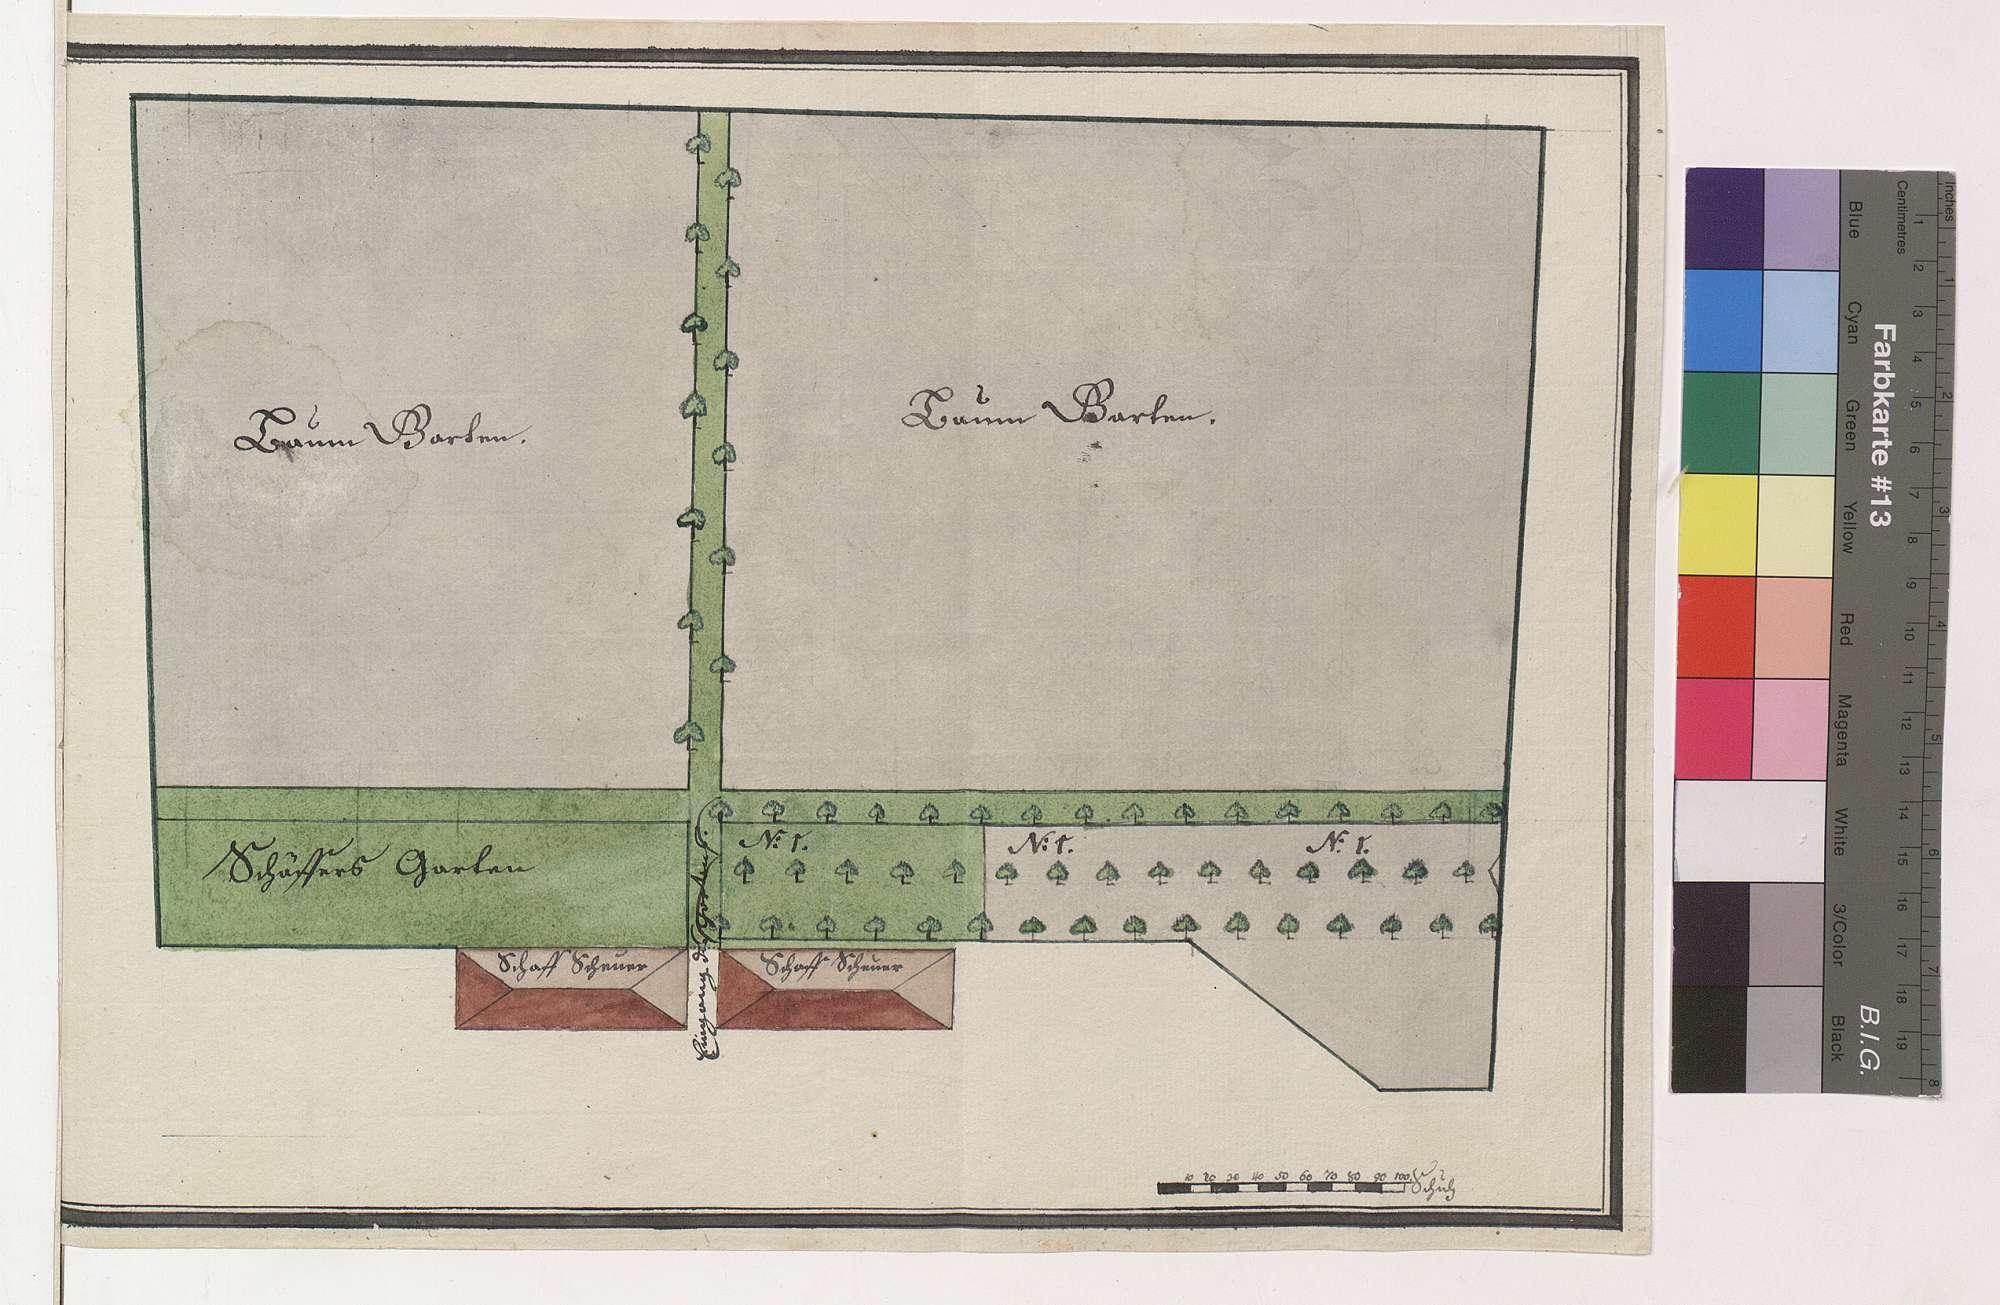 Anlegen eines neuen Baumgartens auf dem Neuhof (Vockenrot), Bild 1